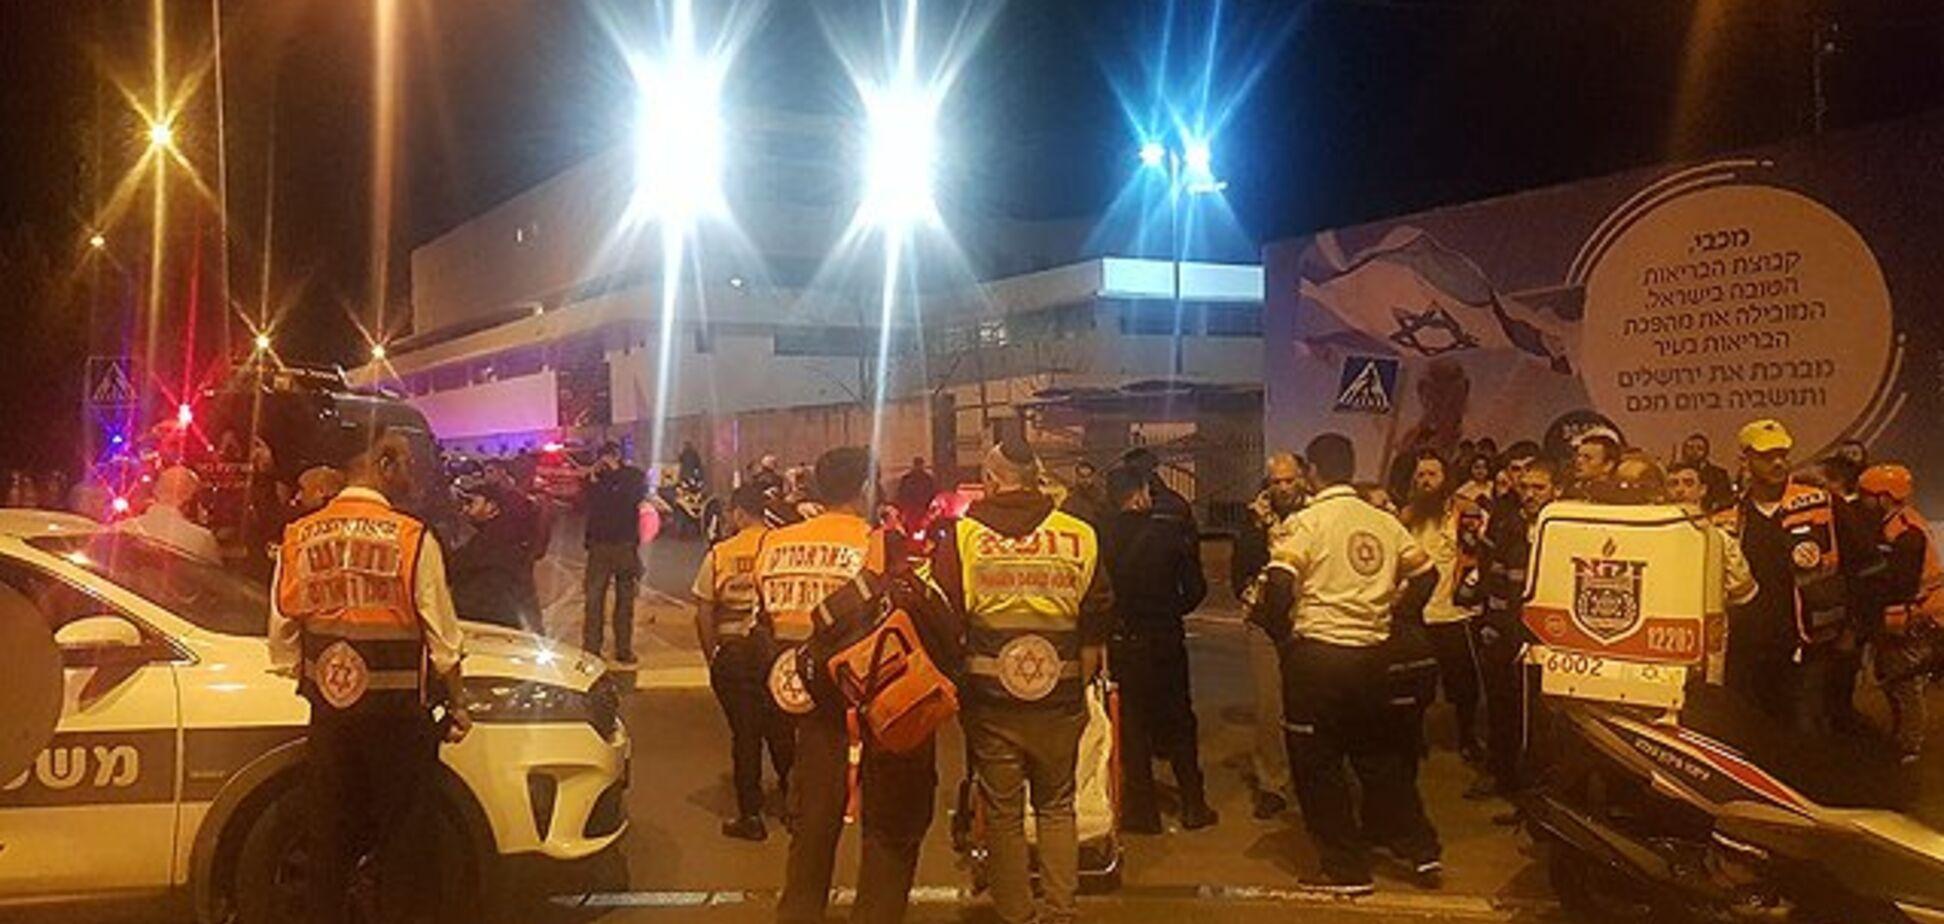 В Ізраїлі авто на швидкості влетіло у натовп солдатів на присязі: багато поранених